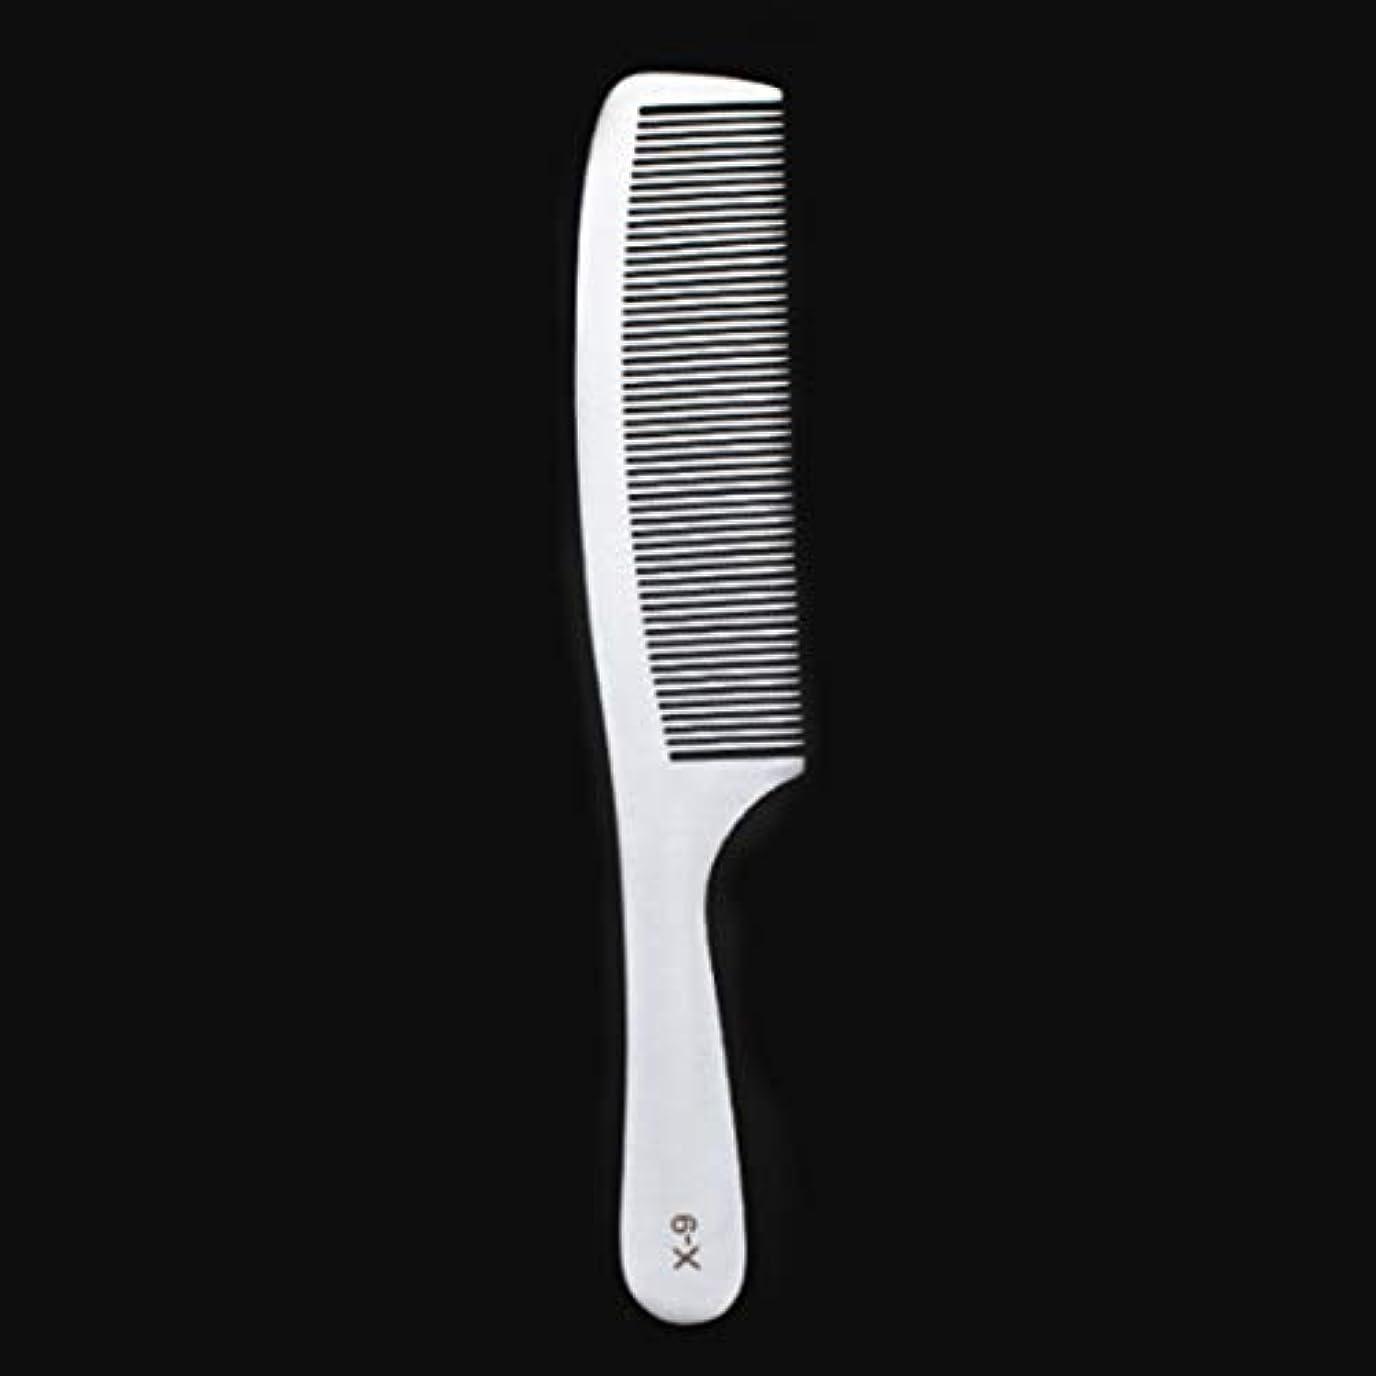 練習したマウント珍味Guomao 特別な薄いステンレス鋼の毛の櫛-女性のための帯電防止櫛 (サイズ : X9)